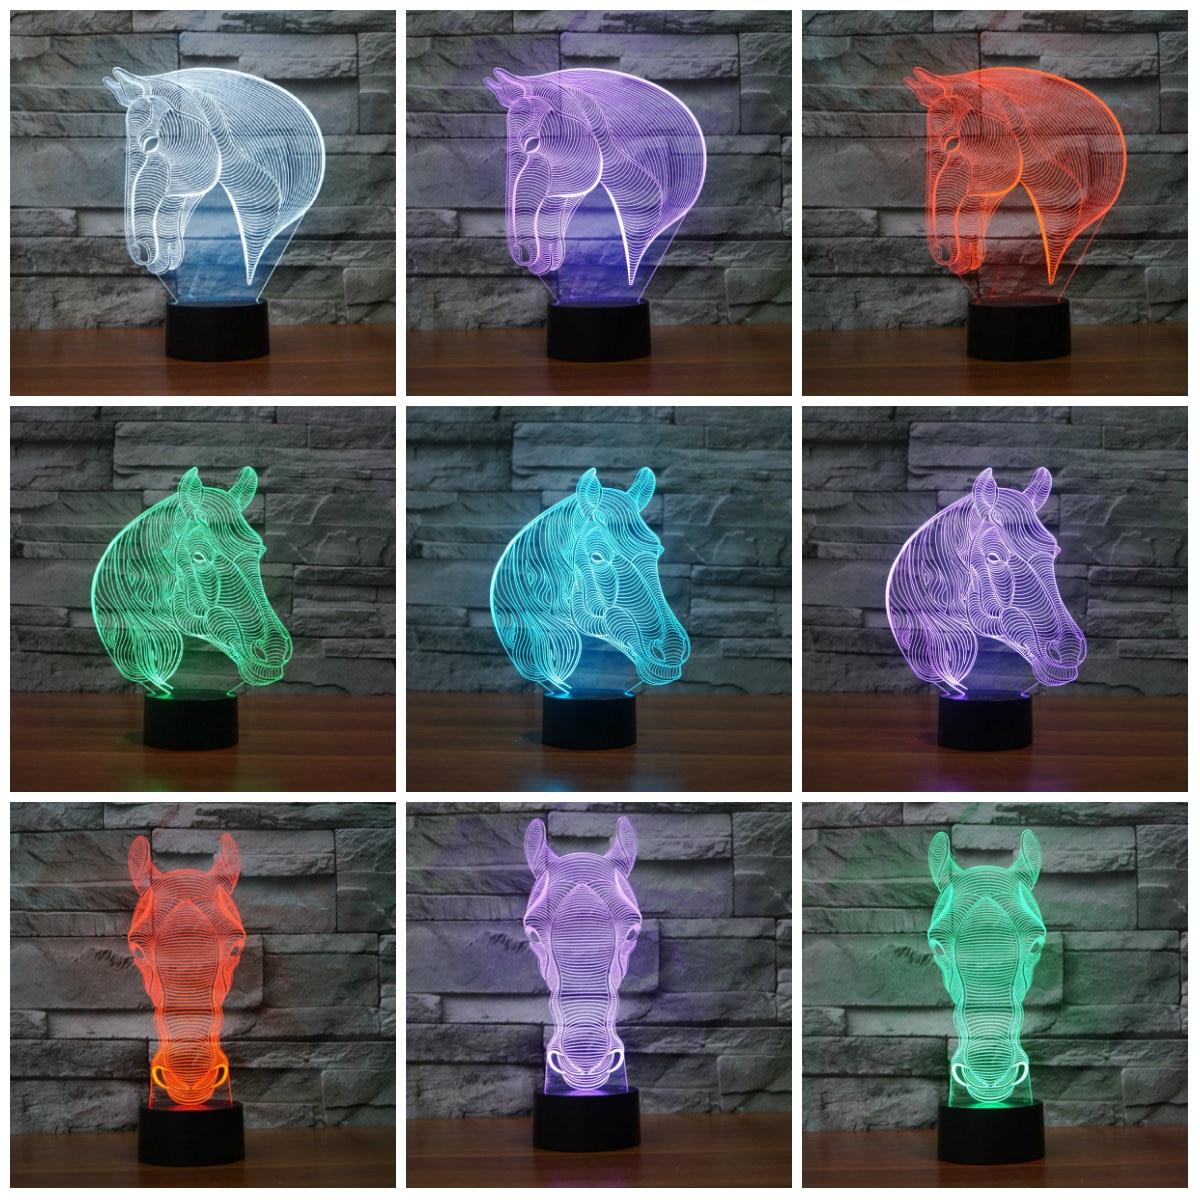 สร้างสรรค์ 7 สีเปลี่ยนคริลิคม้า Led Nightlights 3D LED โต๊ะโต๊ะโคมไฟ USB โคมไฟข้างเตียงม้าตกแต่งแสง IY803232